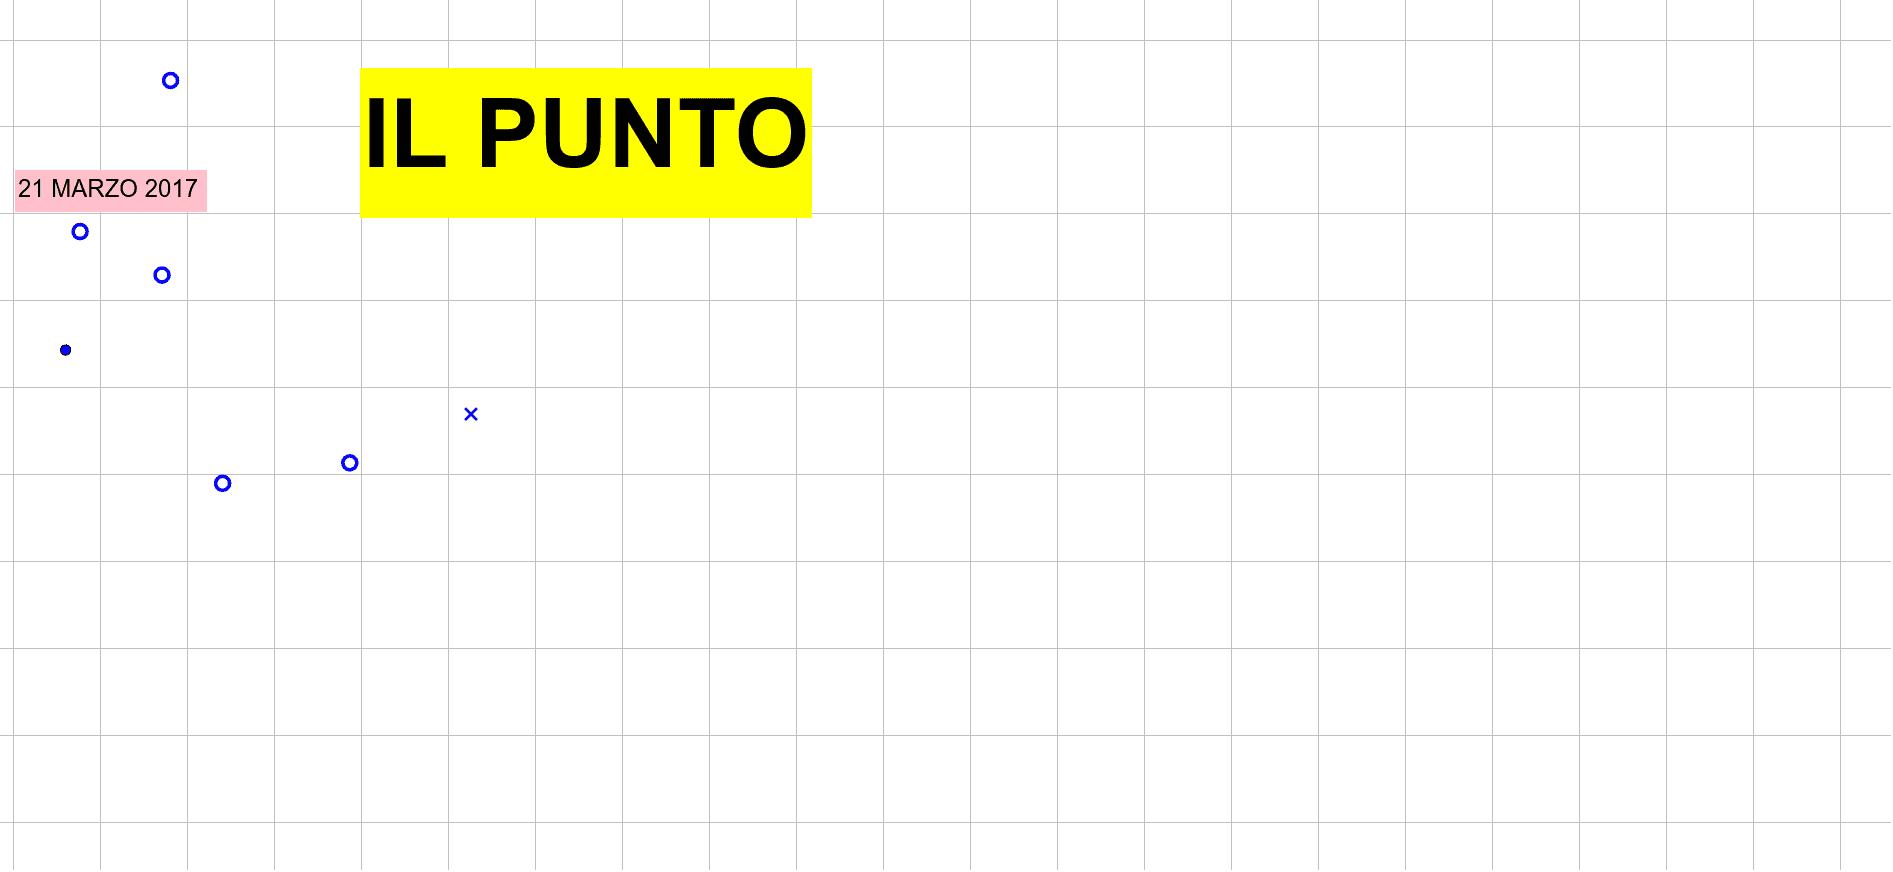 LEZIONE 1: IL PUNTO E LE FUNZIONI FONDAMENTALI Press Enter to start activity